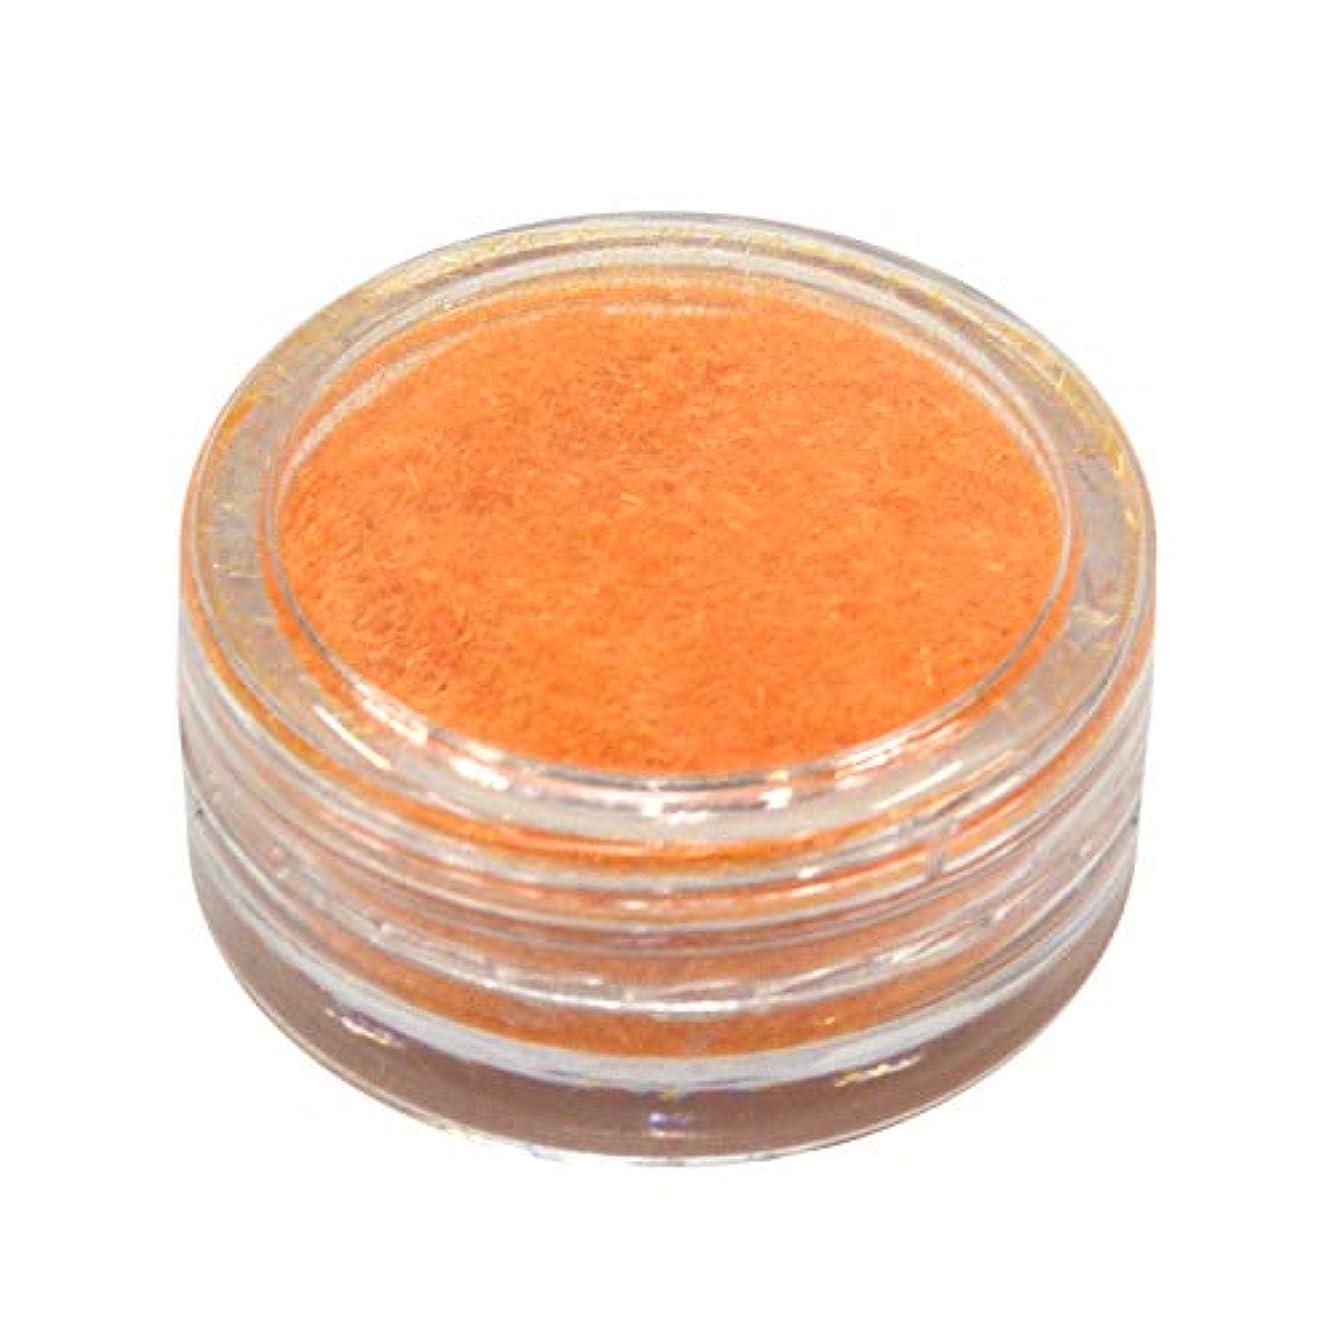 一流デマンドアンドリューハリディネルパラ ベルベットパウダー #30 オレンジ